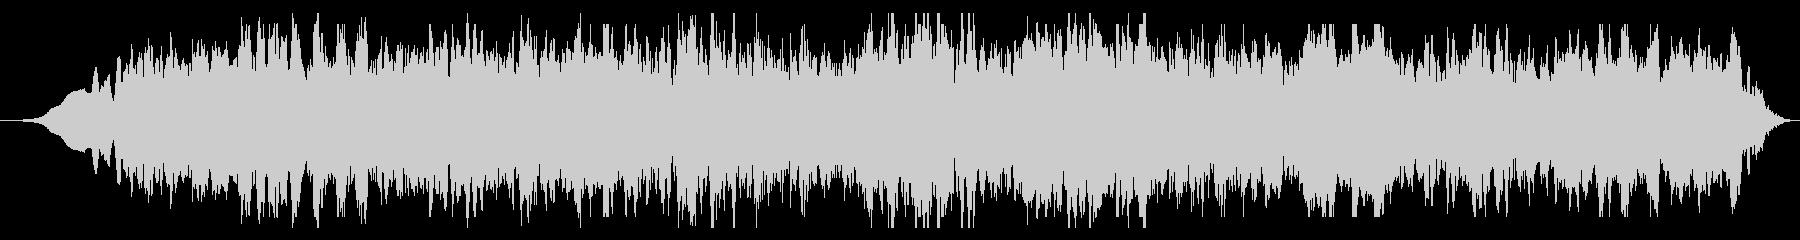 スペースドローン:ディープフィアーの未再生の波形